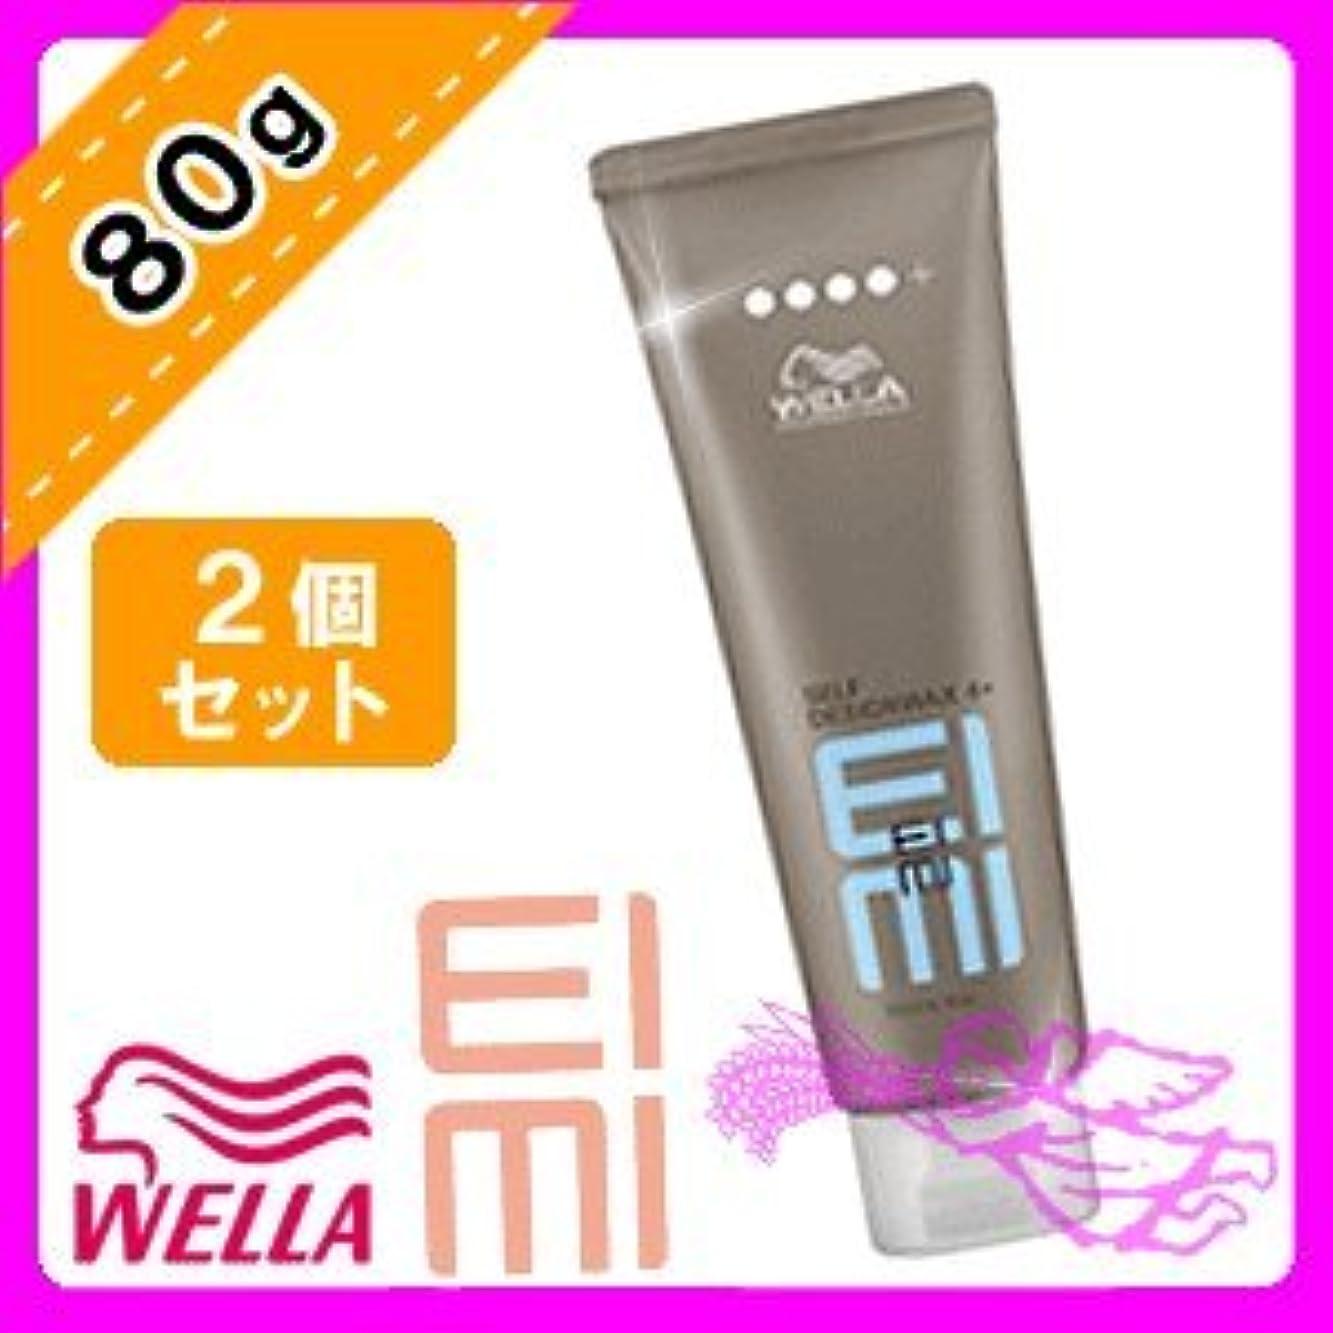 倉庫負担はさみウエラ EIMI(アイミィ) セルフデザインワックス4+ 80g ×2個 セット WELLA P&G